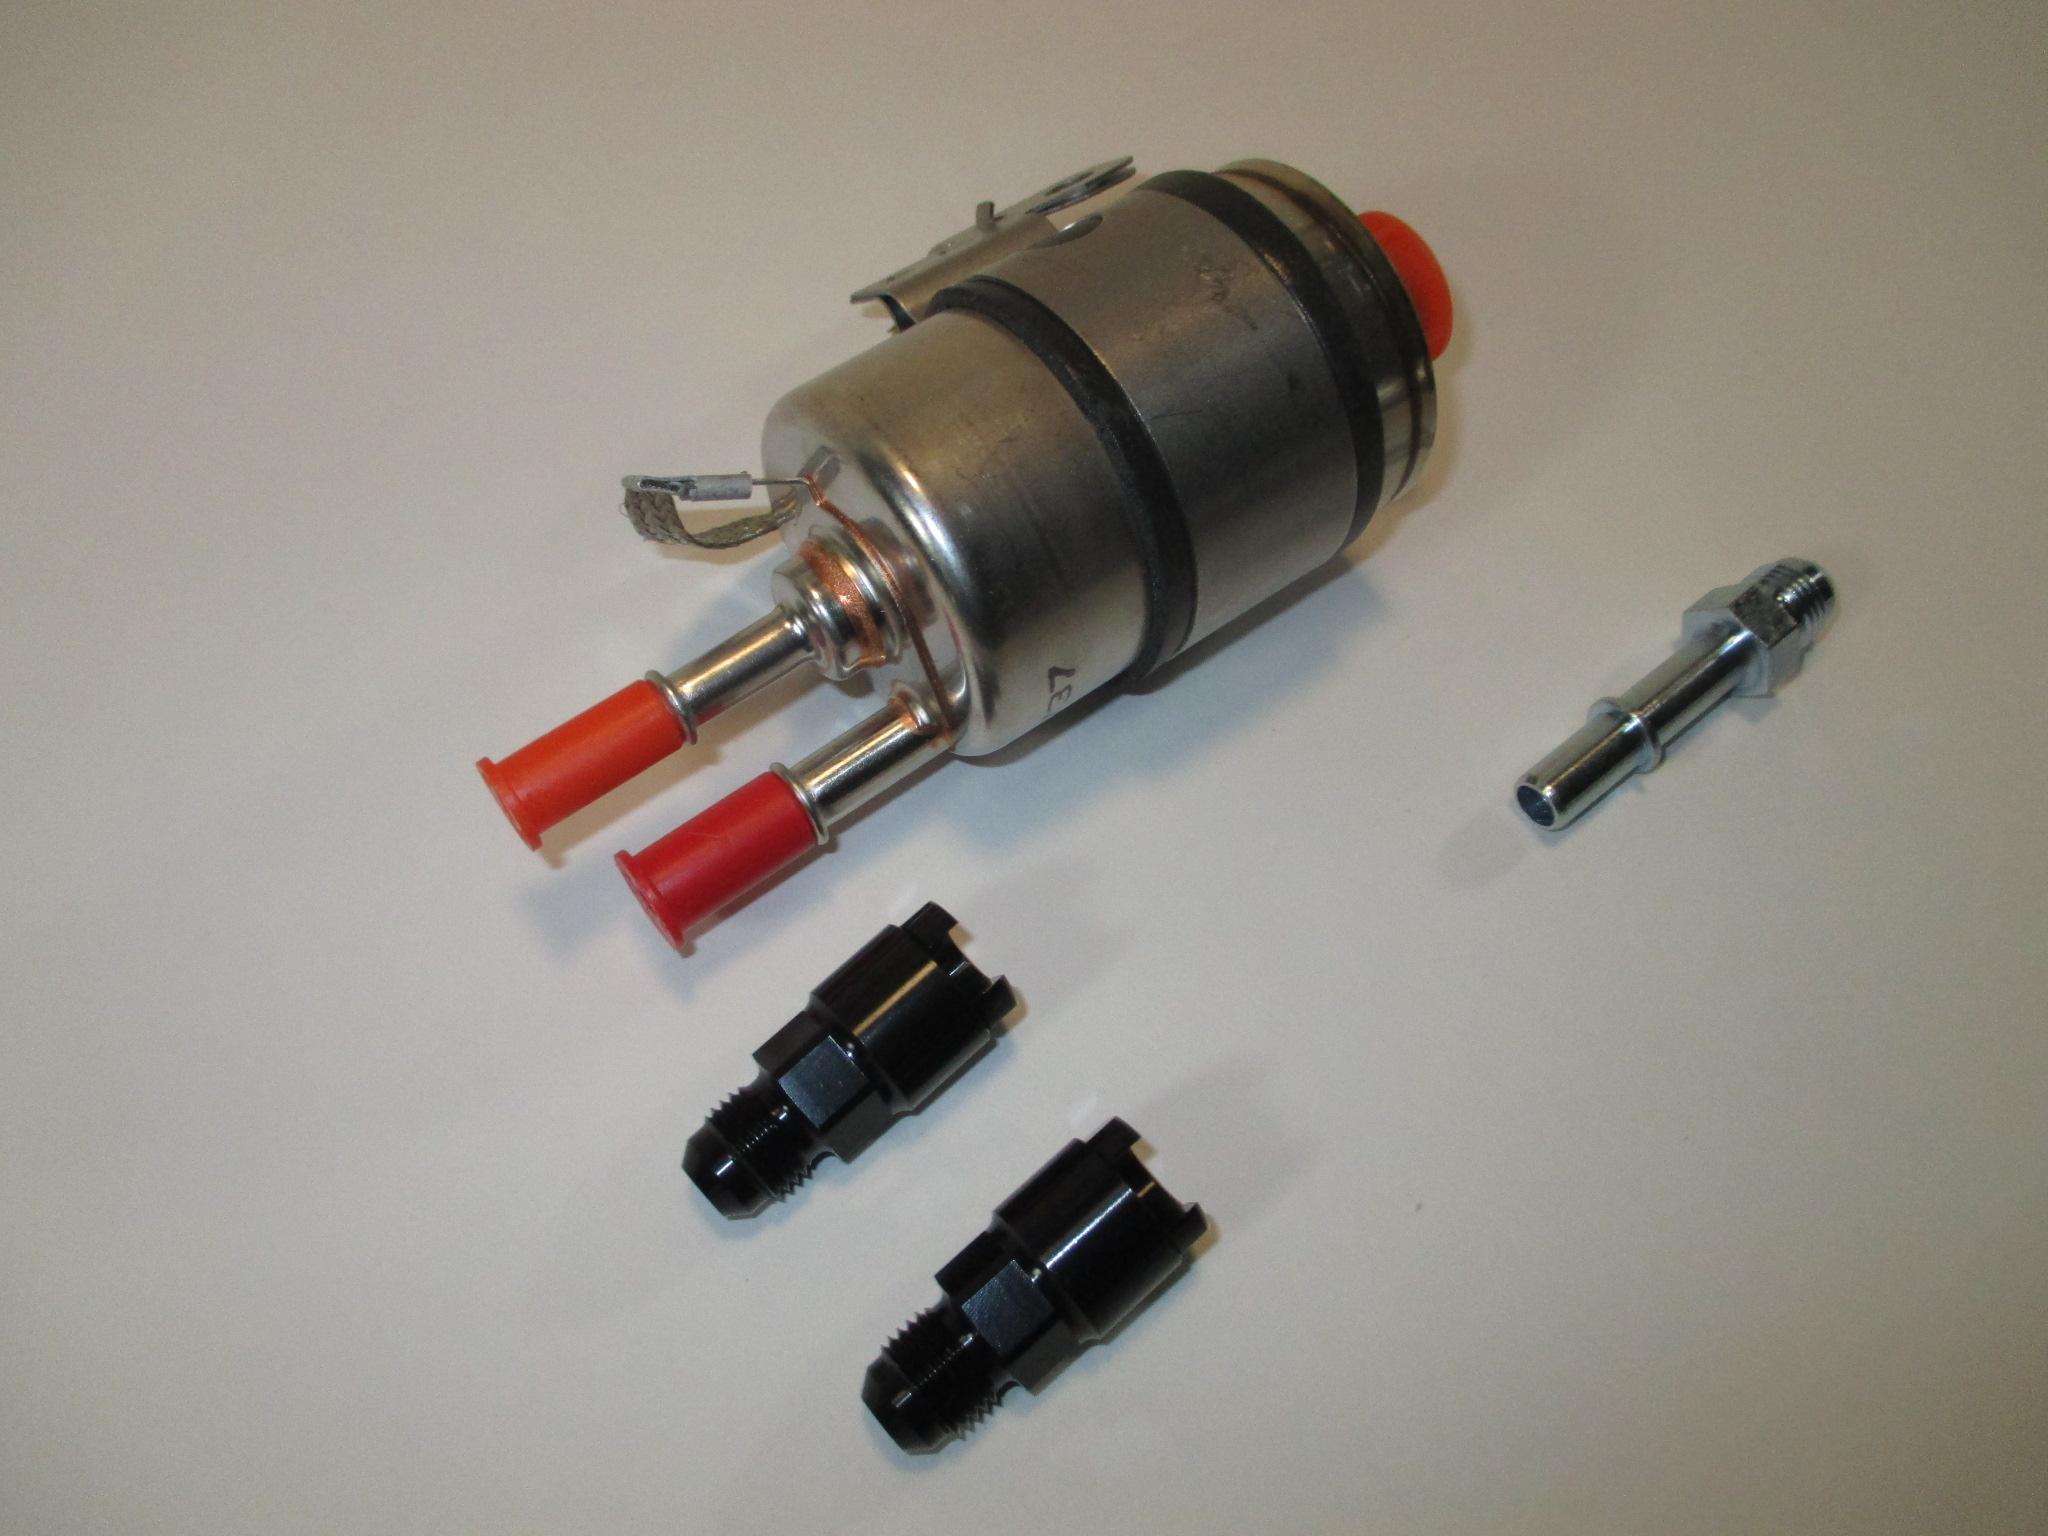 ls1 fuel filter regulator kit engine swap for returnless fuel rails rh warrperformance com